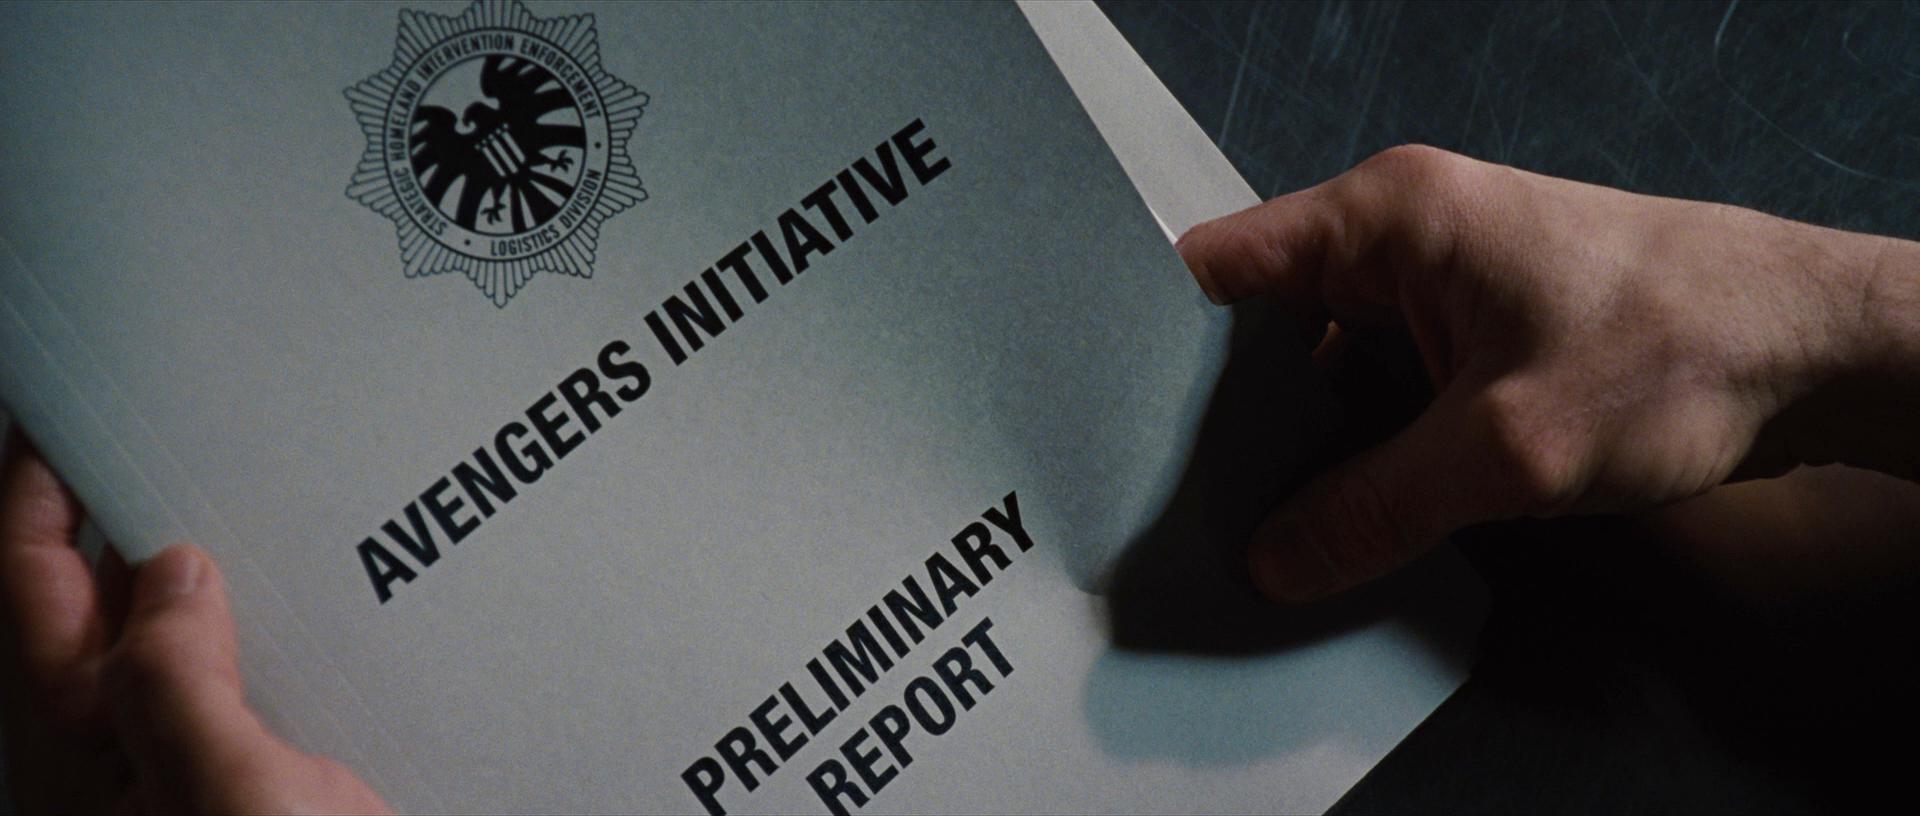 《復仇者聯盟》系列電影中所出現的復仇者聯盟協議。